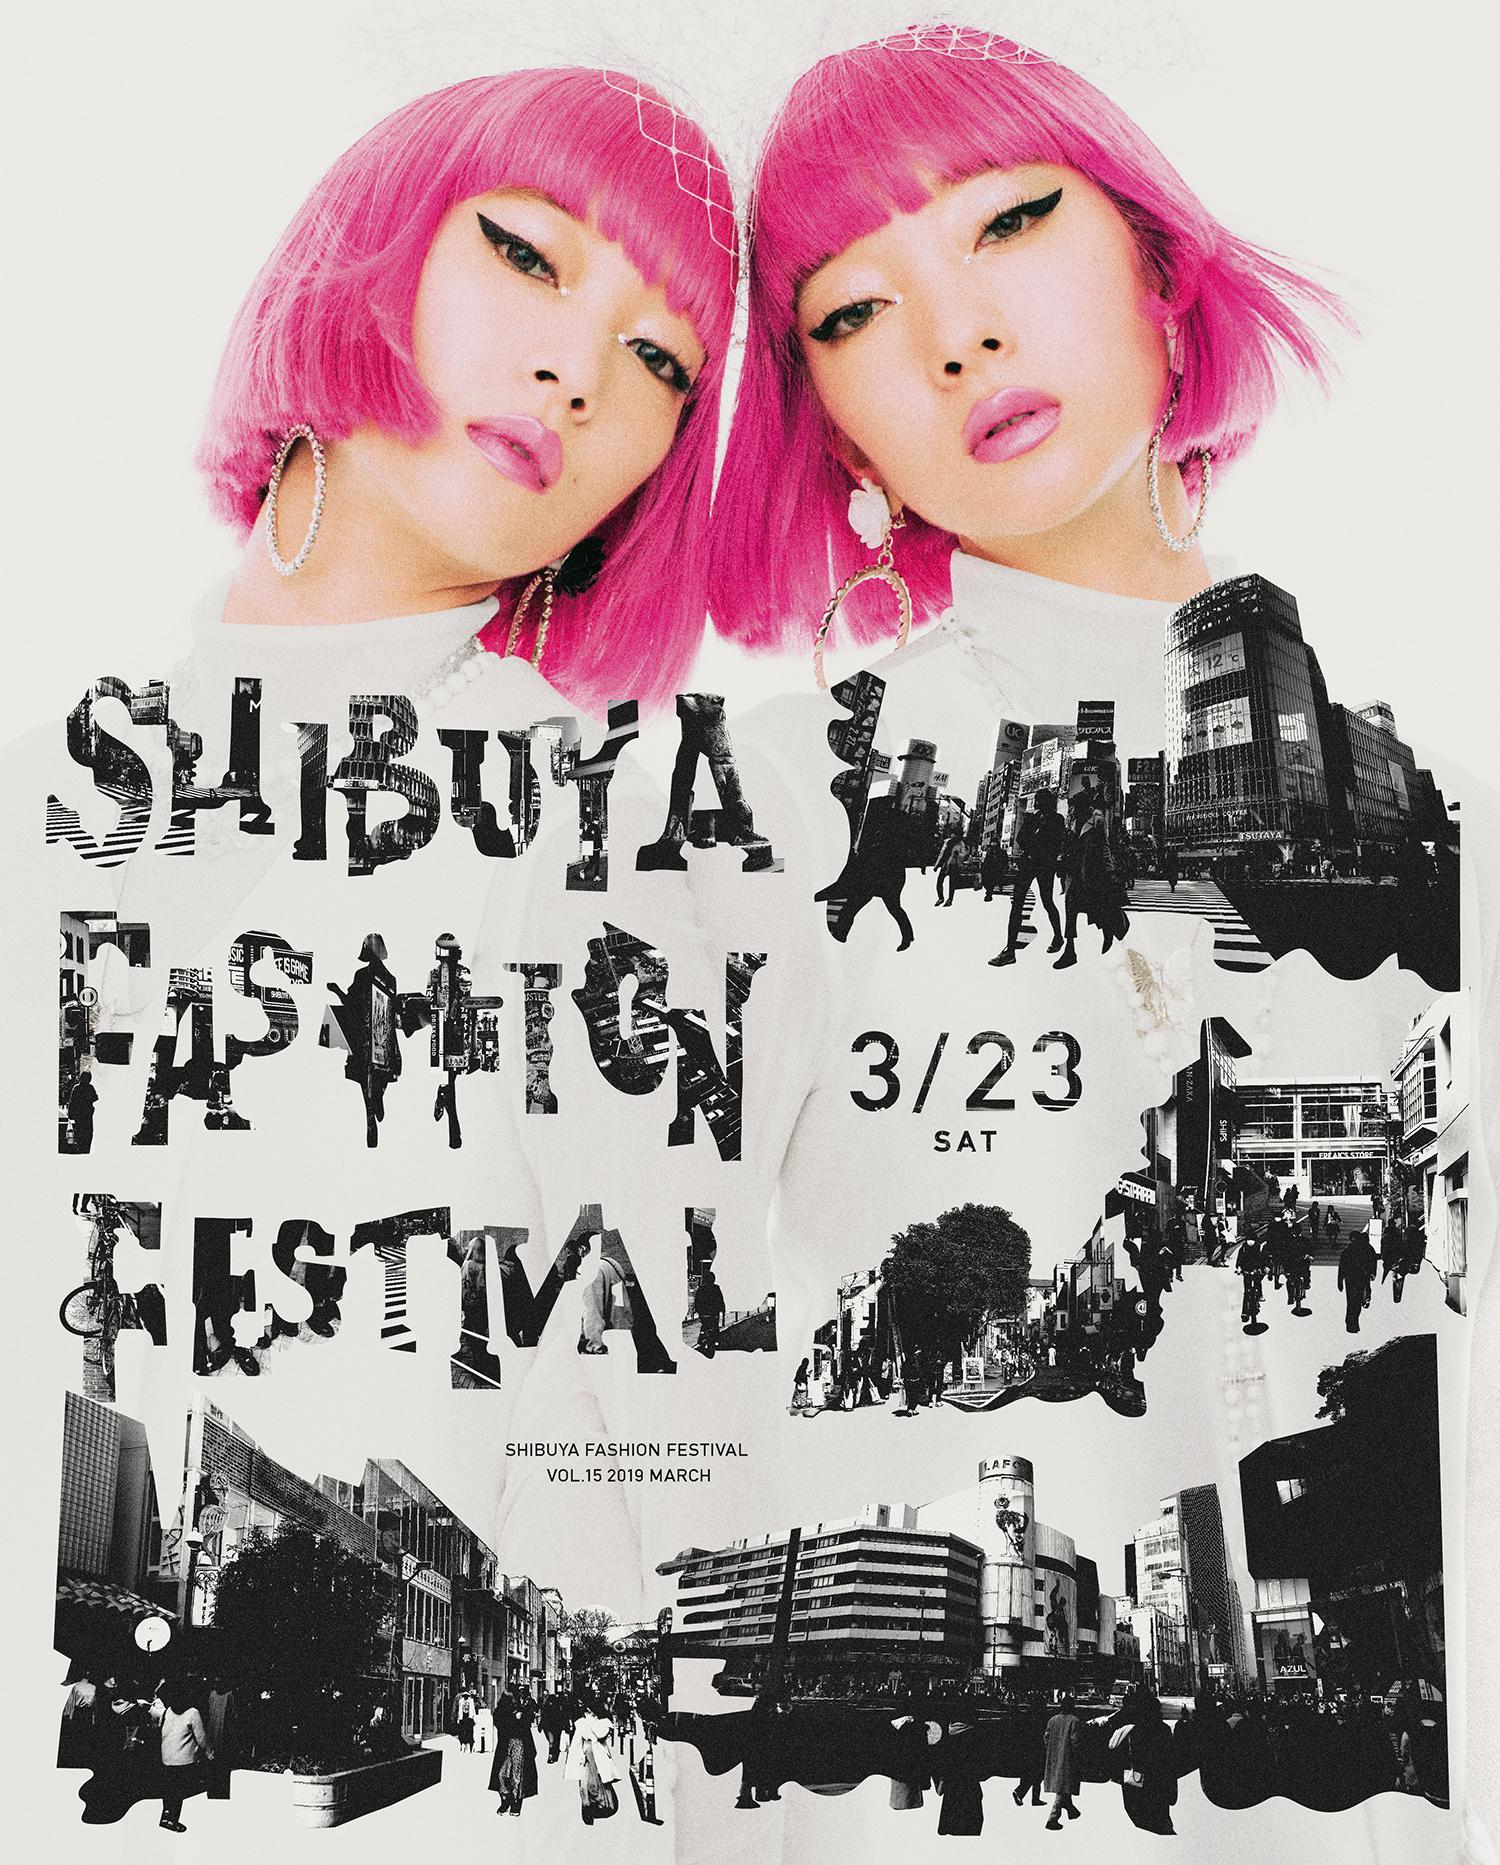 メンズ,着物,浴衣,KIMOMO,HARAJUKU,yukata,ブランド,原宿,渋谷,東京,KIMONO,シブフェス,渋谷ファッションフェスティバル,shibufes